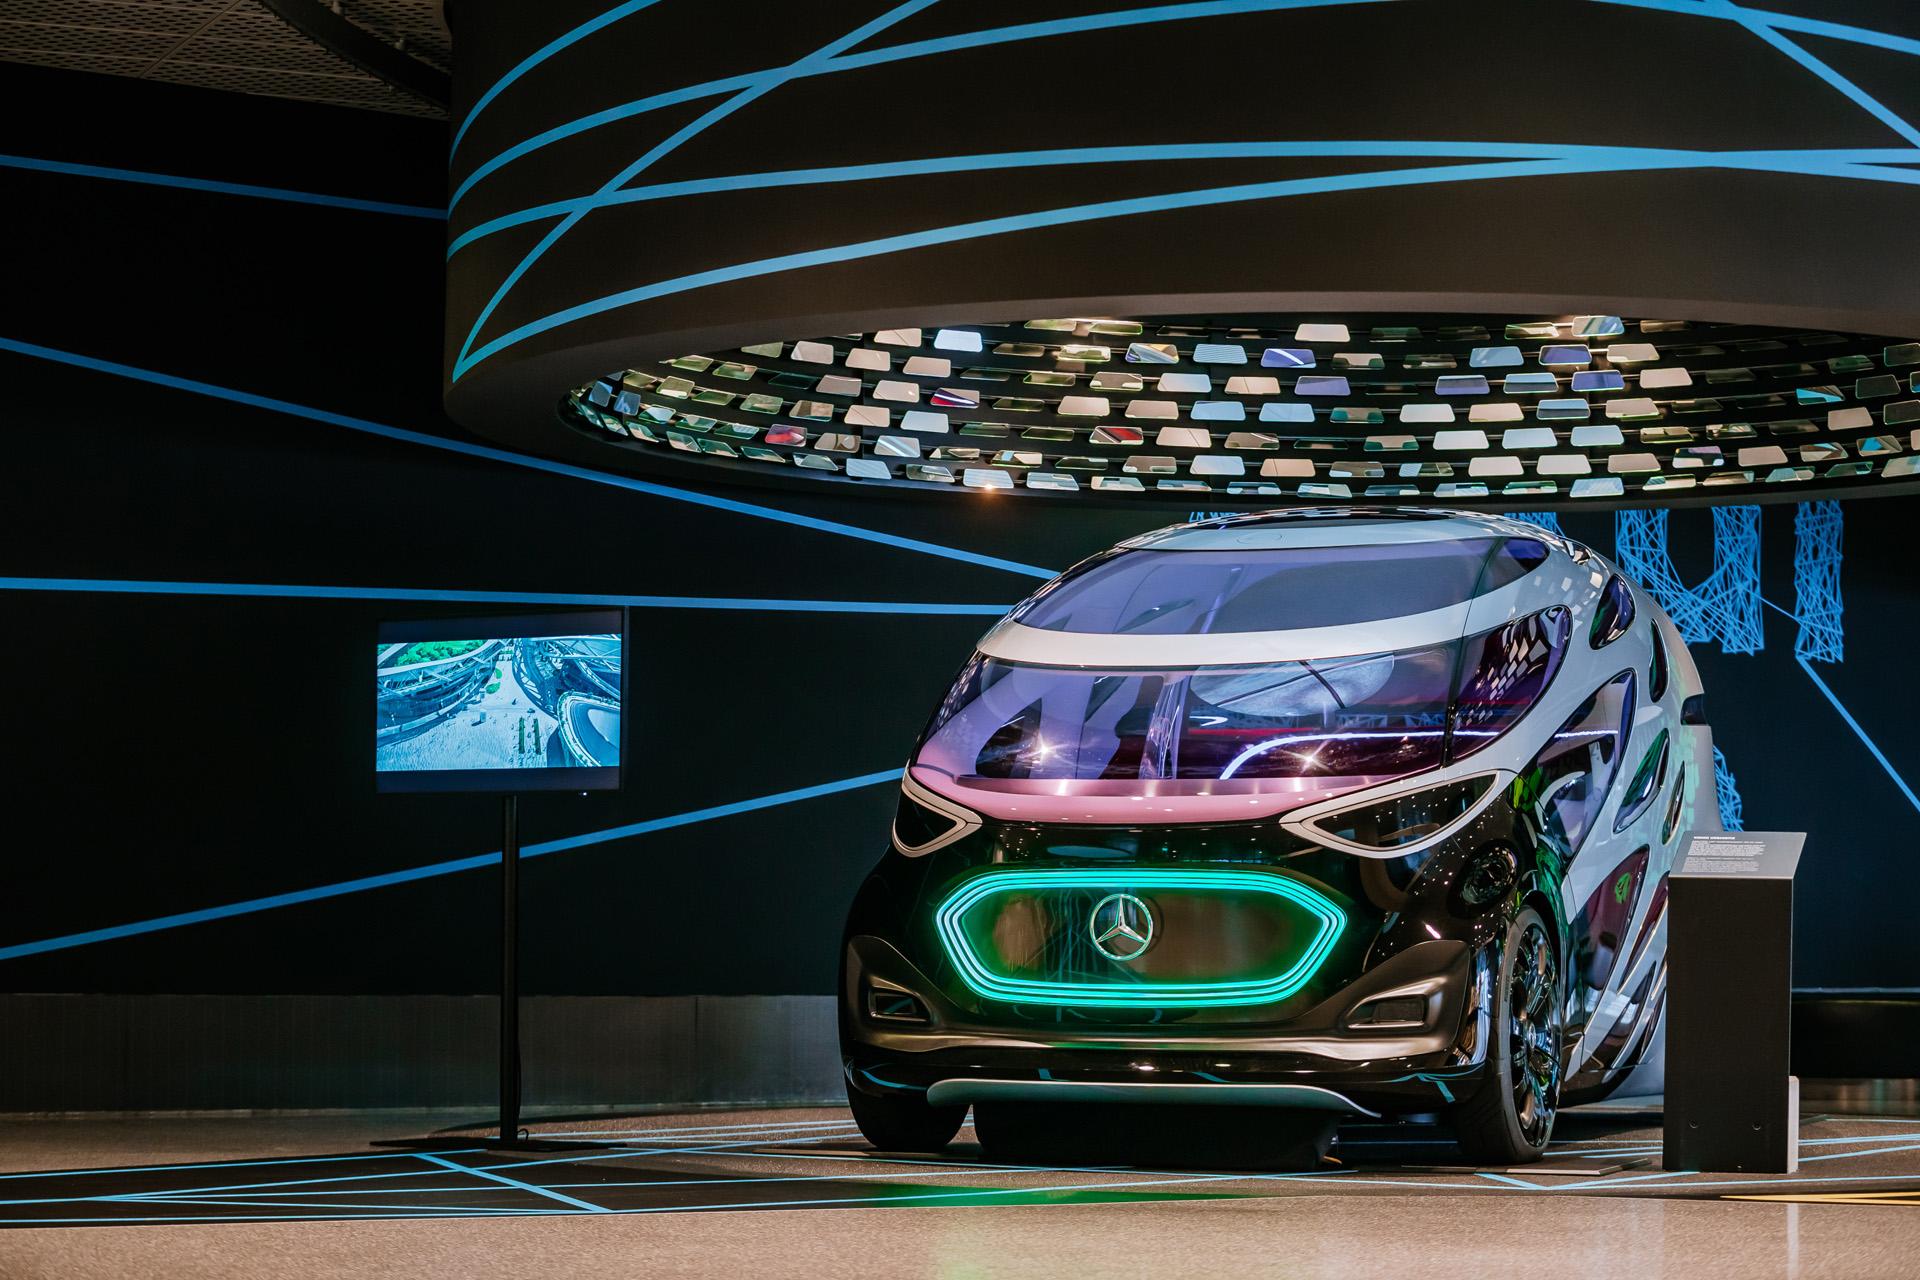 """Mercedes-Benz Museum, Sonderausstellung """"Zukunft Mobilität"""" vom 1. Juni 2021 bis Ende März 2022. Die 2018 vorgestellte Studie Mercedes-Benz Vision URBANETIC ist ein autonom fahrendes Elektroauto, das digital vernetzt in der Stadt unterwegs ist. Es kommuniziert intuitiv mit den Menschen in seinem Umfeld und den Passagieren."""